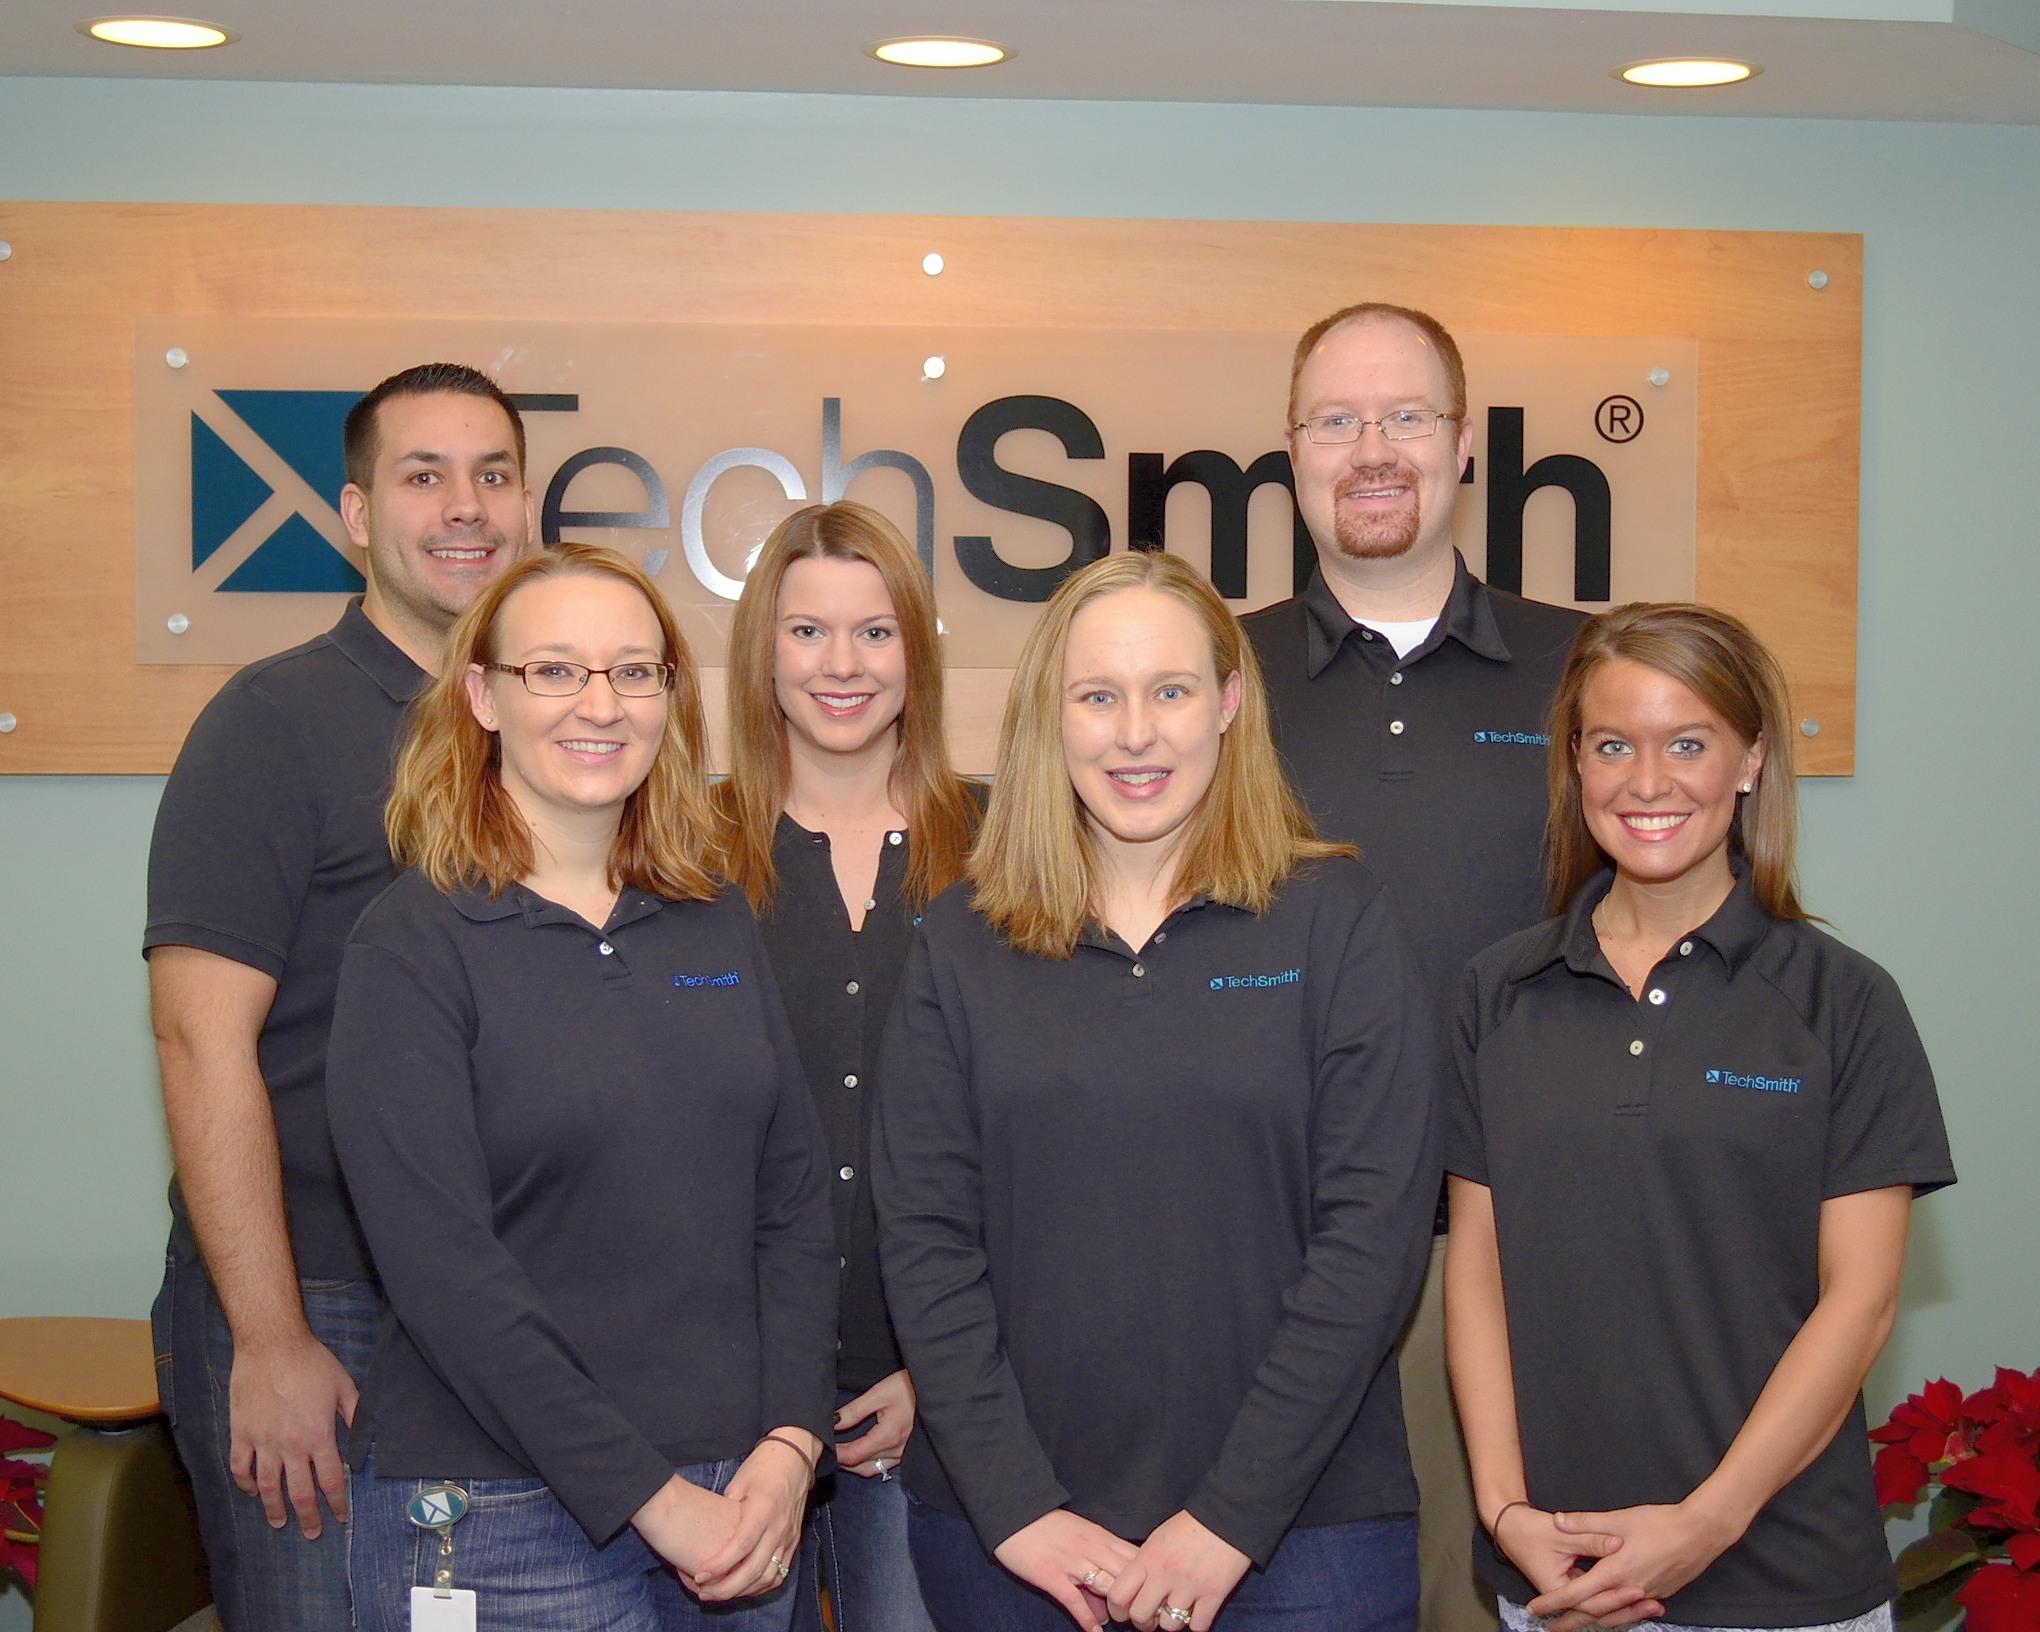 Meet our Enterprise Account Team